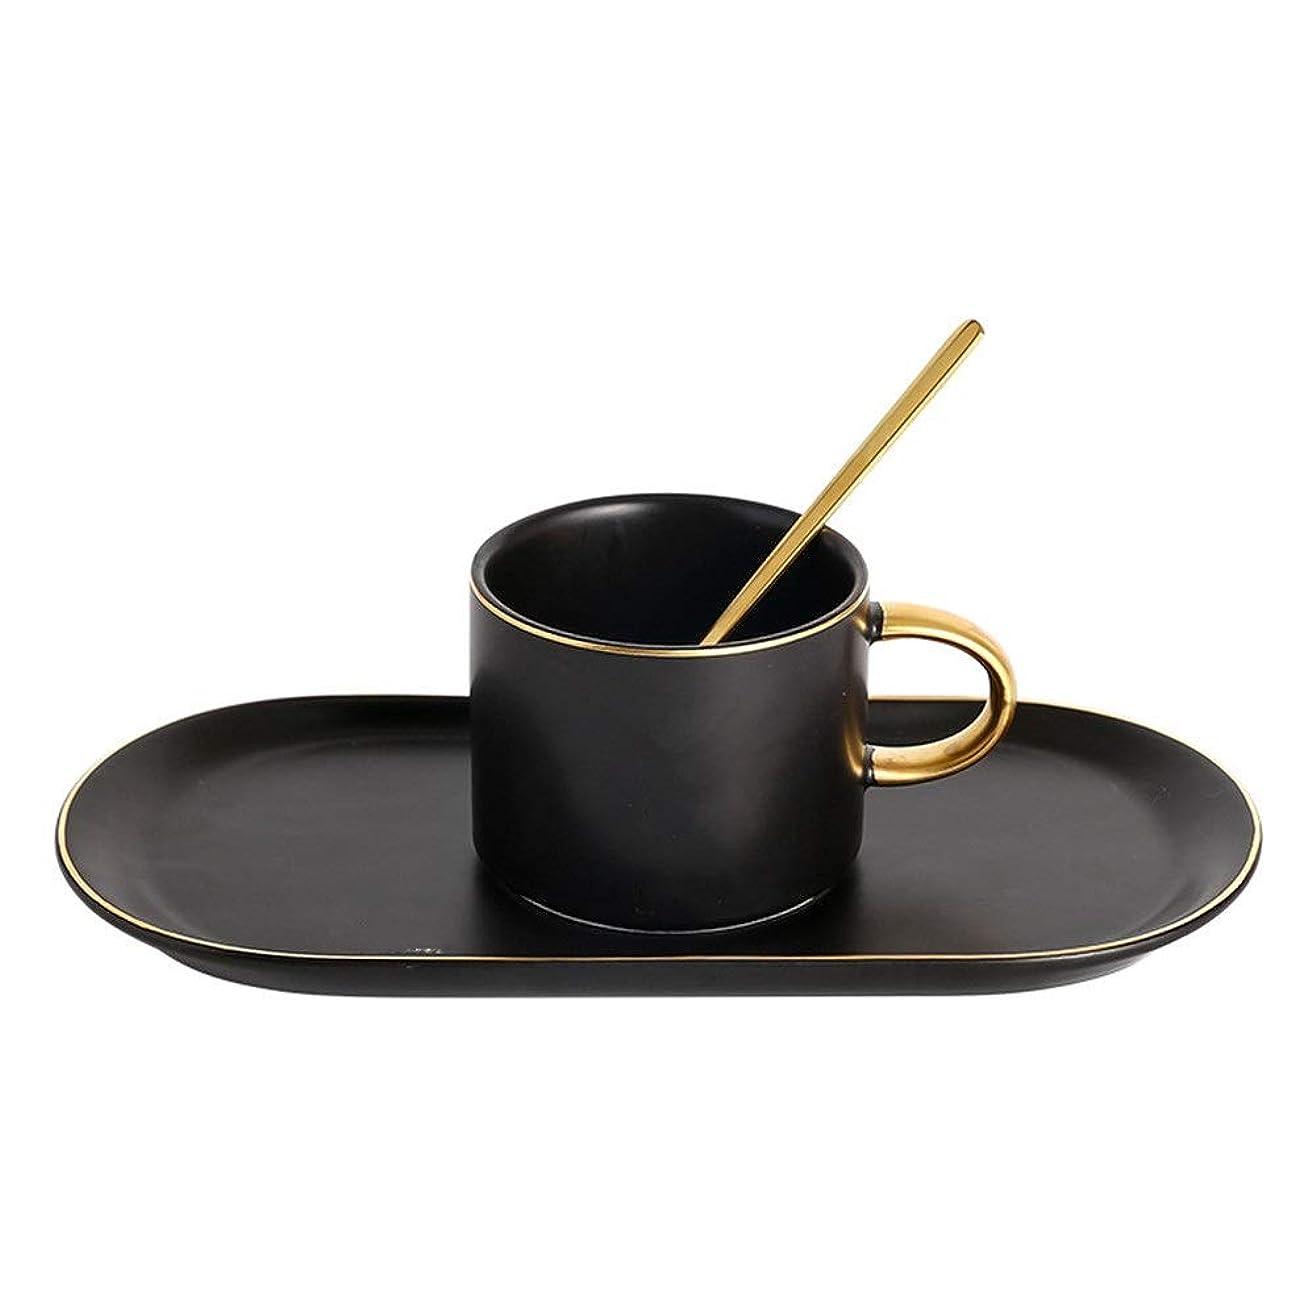 一緒新鮮な私達AXROAD MALL トレイの色のカップハイエンドビジネスオフィスギフトで北欧のシンプルなファッションセラミックコーヒーカップ&ソーサーセット (色 : ブラック, サイズ : 300ml)